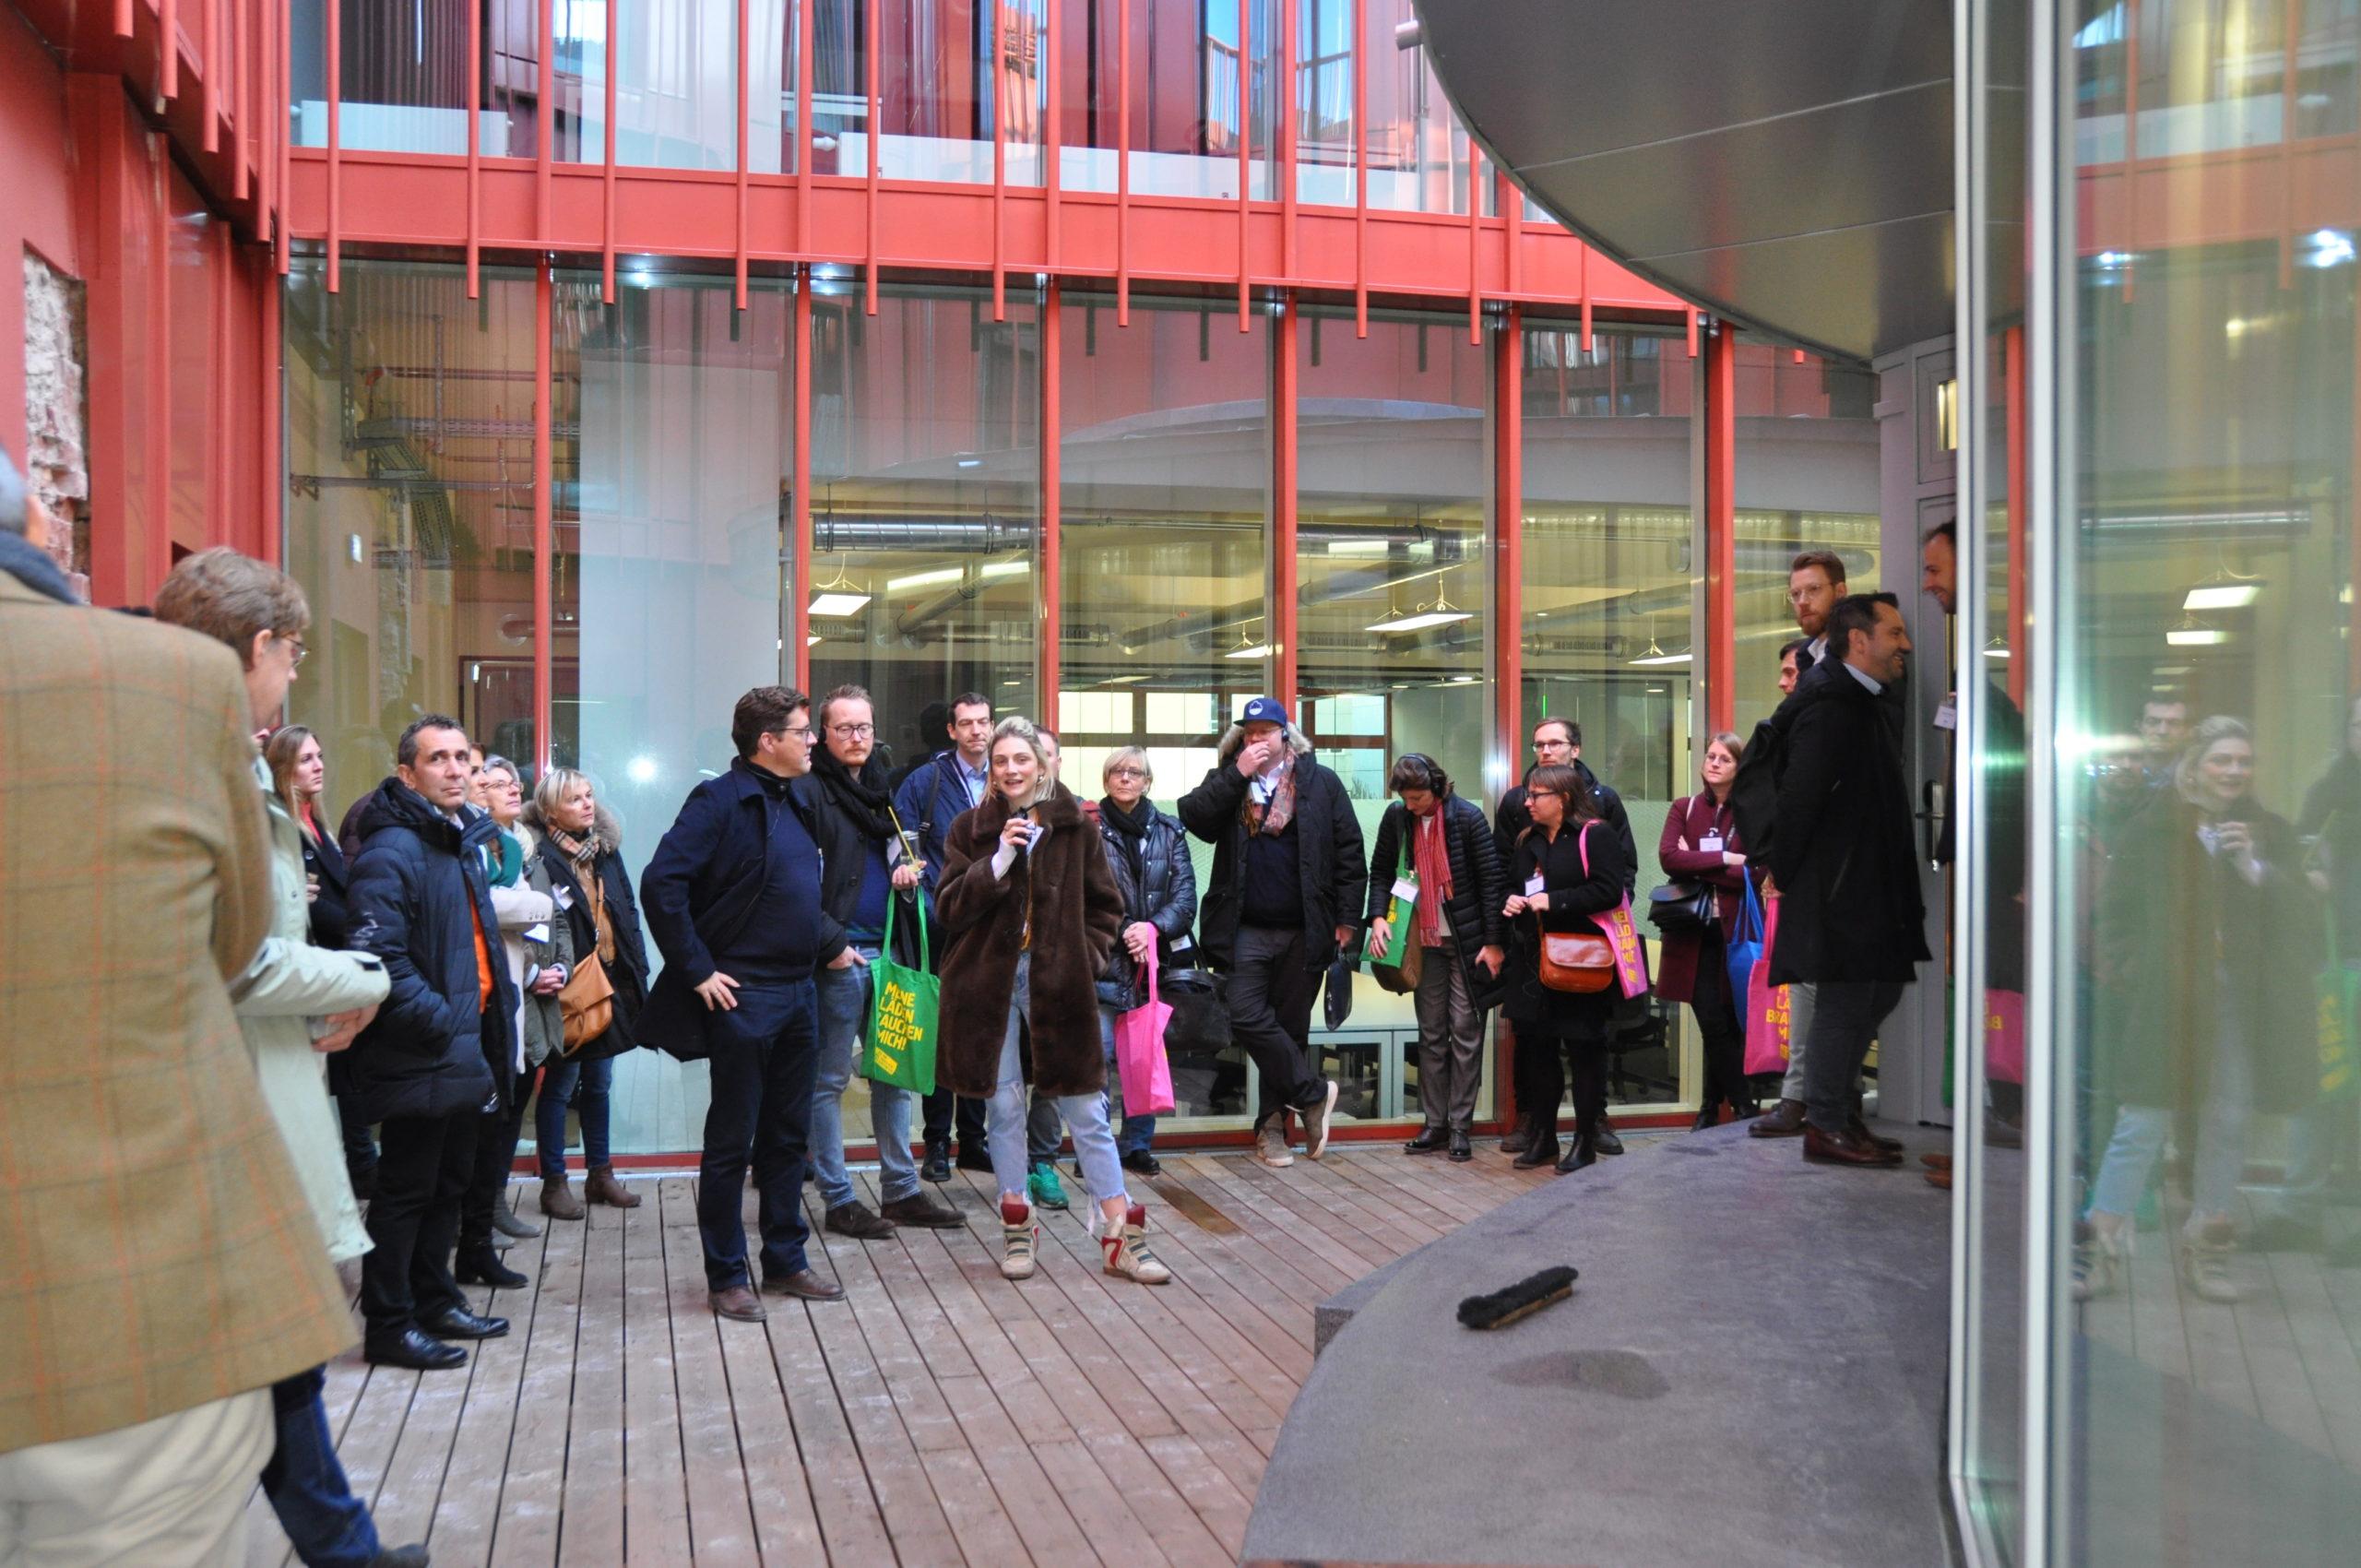 Spaces_Alte Post_Vorstellung des neuen CoWorking-Spaces im ehemaligen Postgebäude_LOKATION:S_Aktion_Karl_Marx_Straße